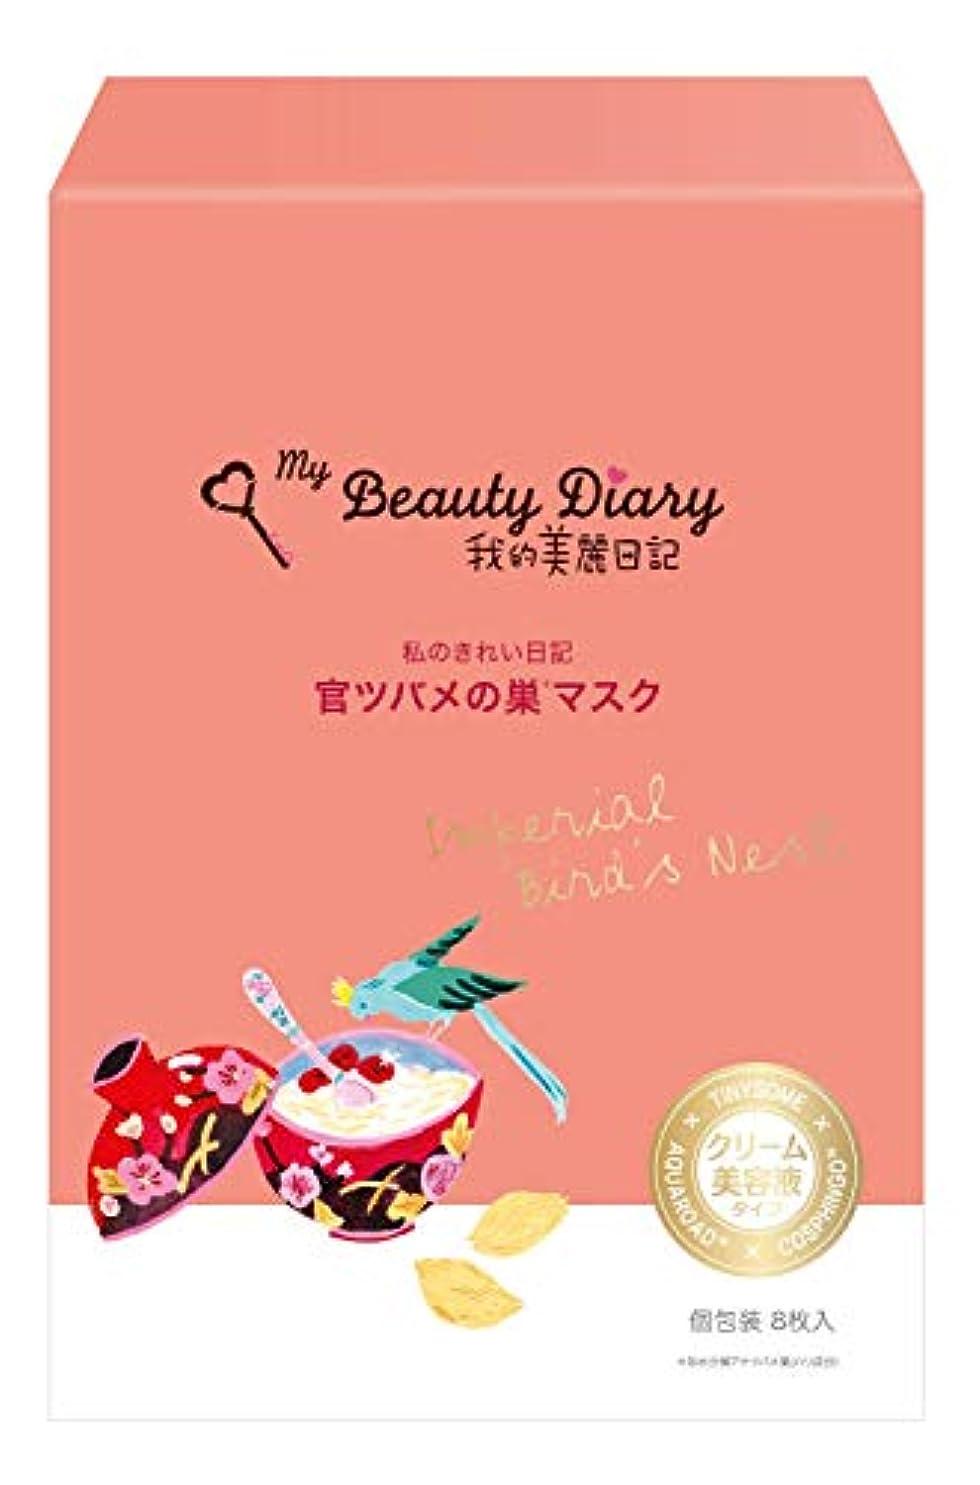 ブラウズ資金クレジット我的美麗日記-私のきれい日記- 官ツバメの巣マスク 8枚入